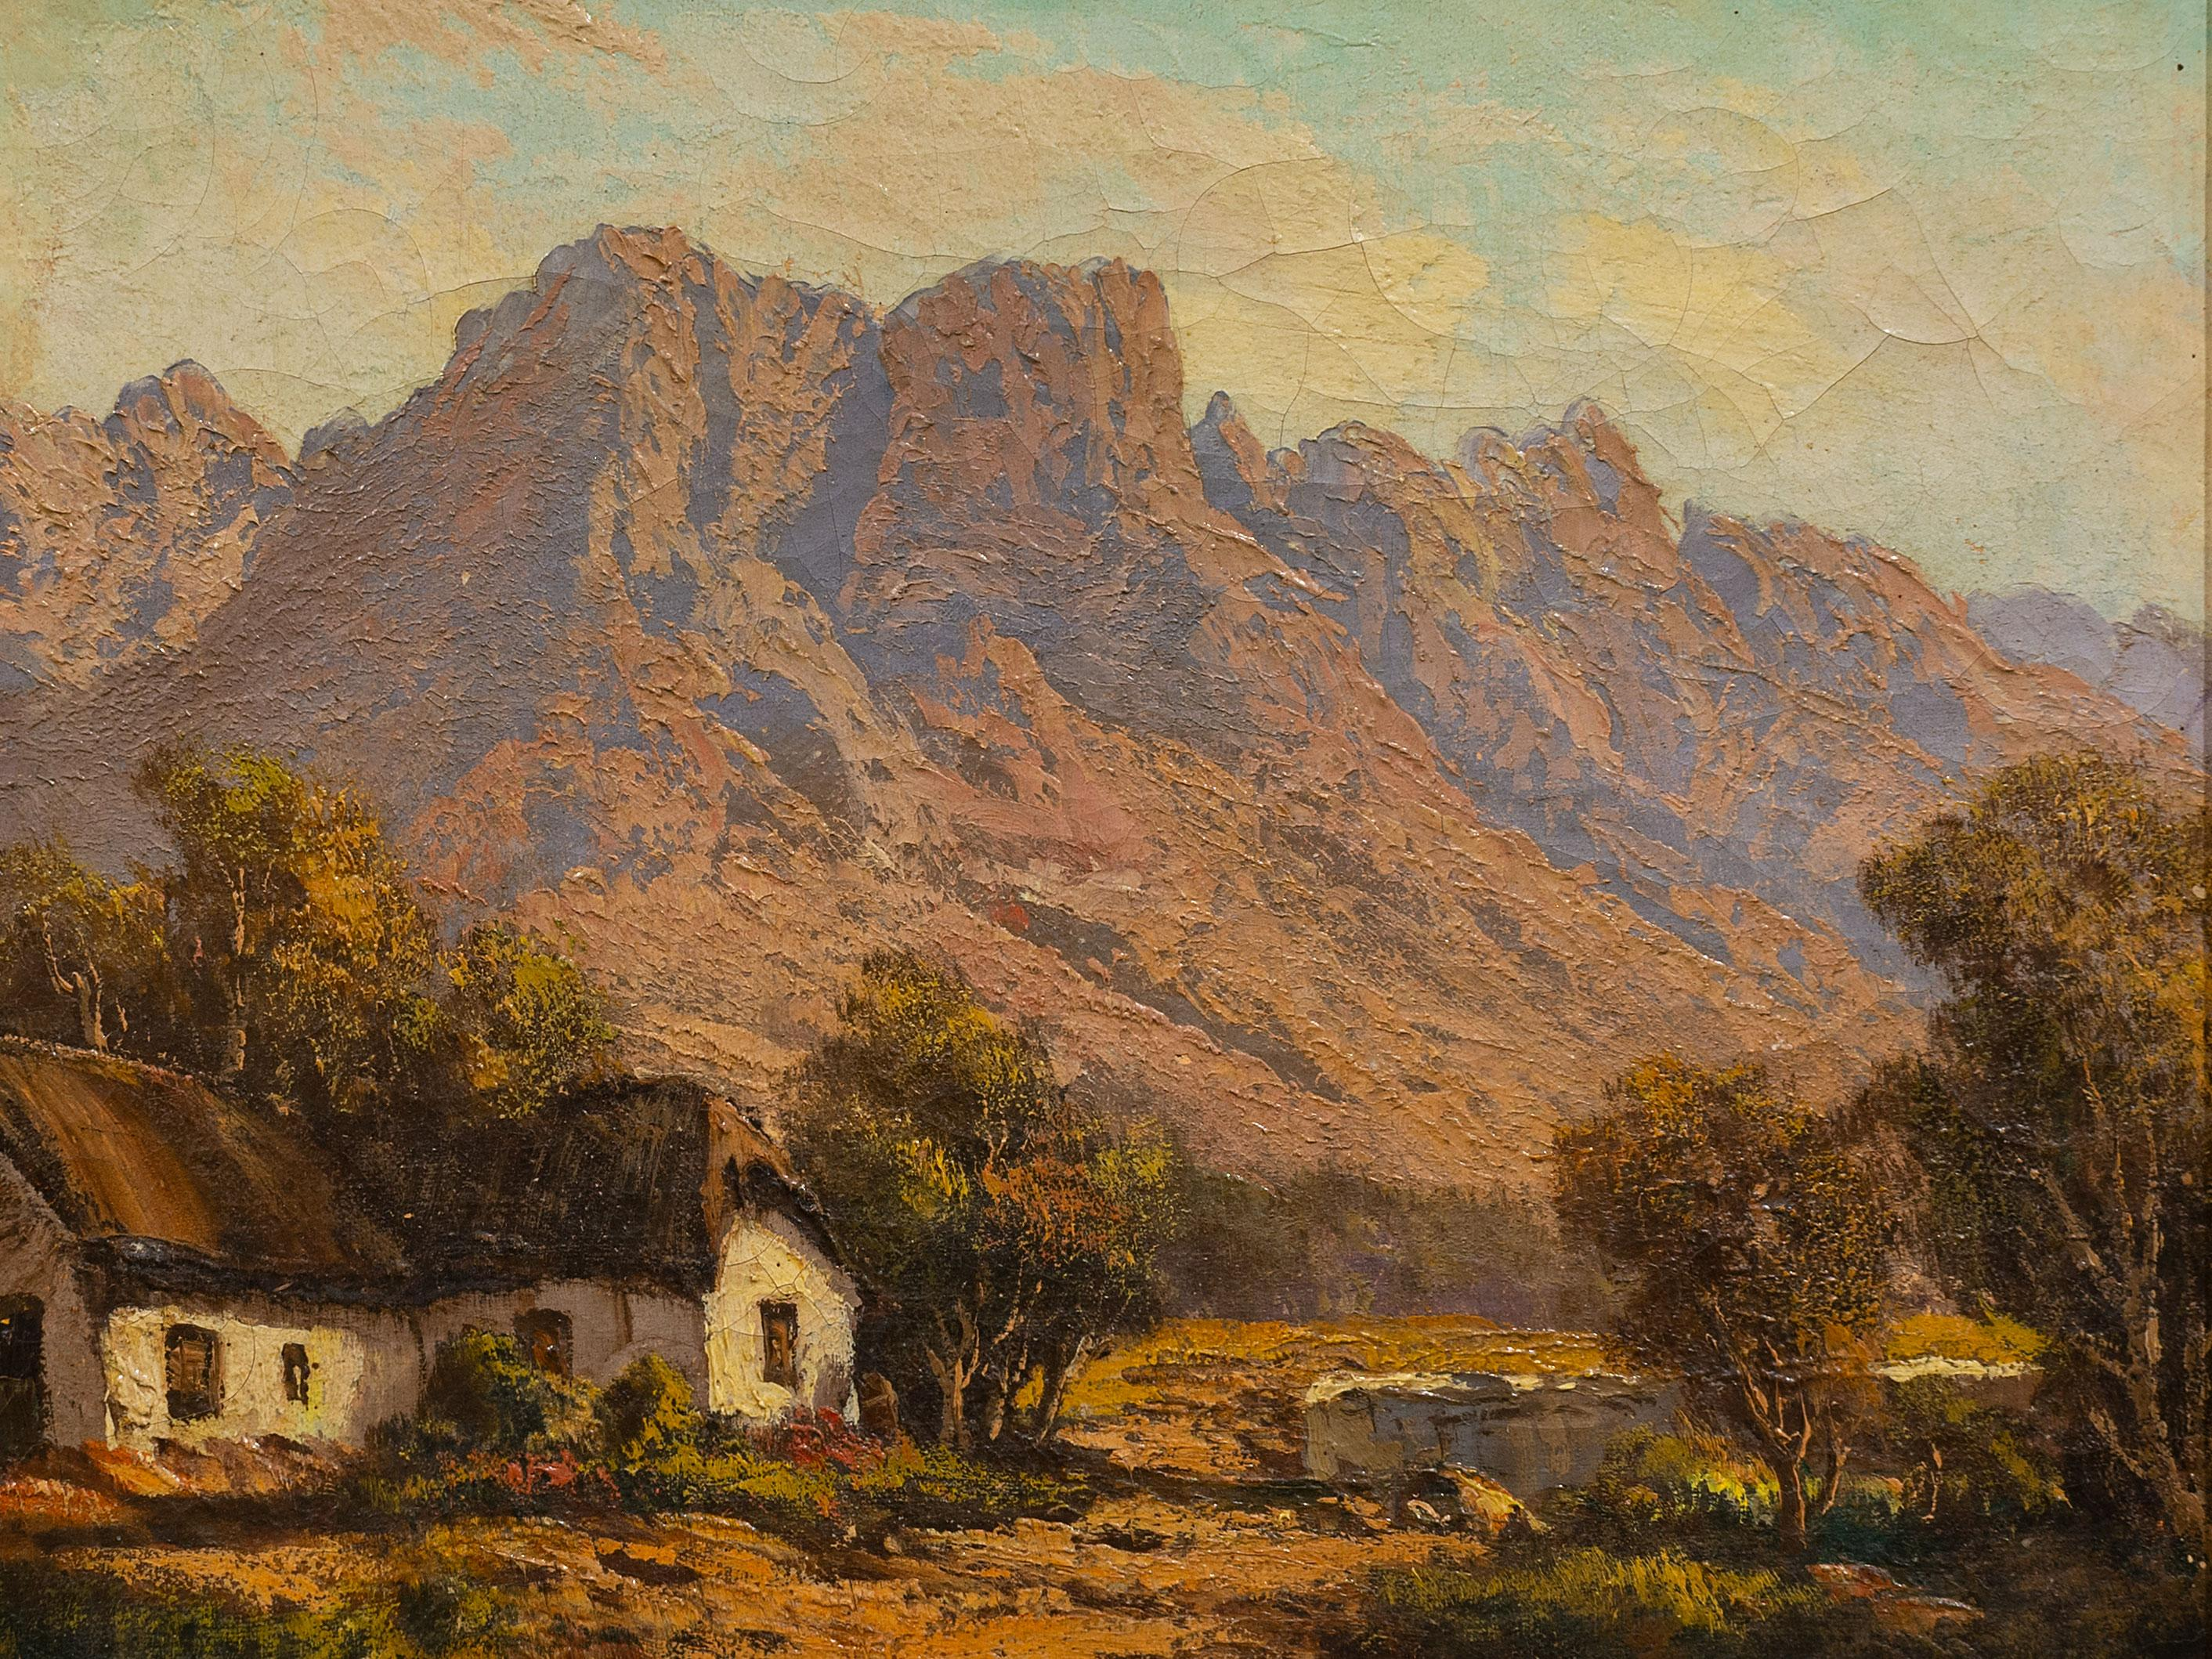 Tinus de Jongh (SA 1885 - 1942) Oil, Mountain Landscape with Cape Dutch Cottage, Signed, 25 x 30